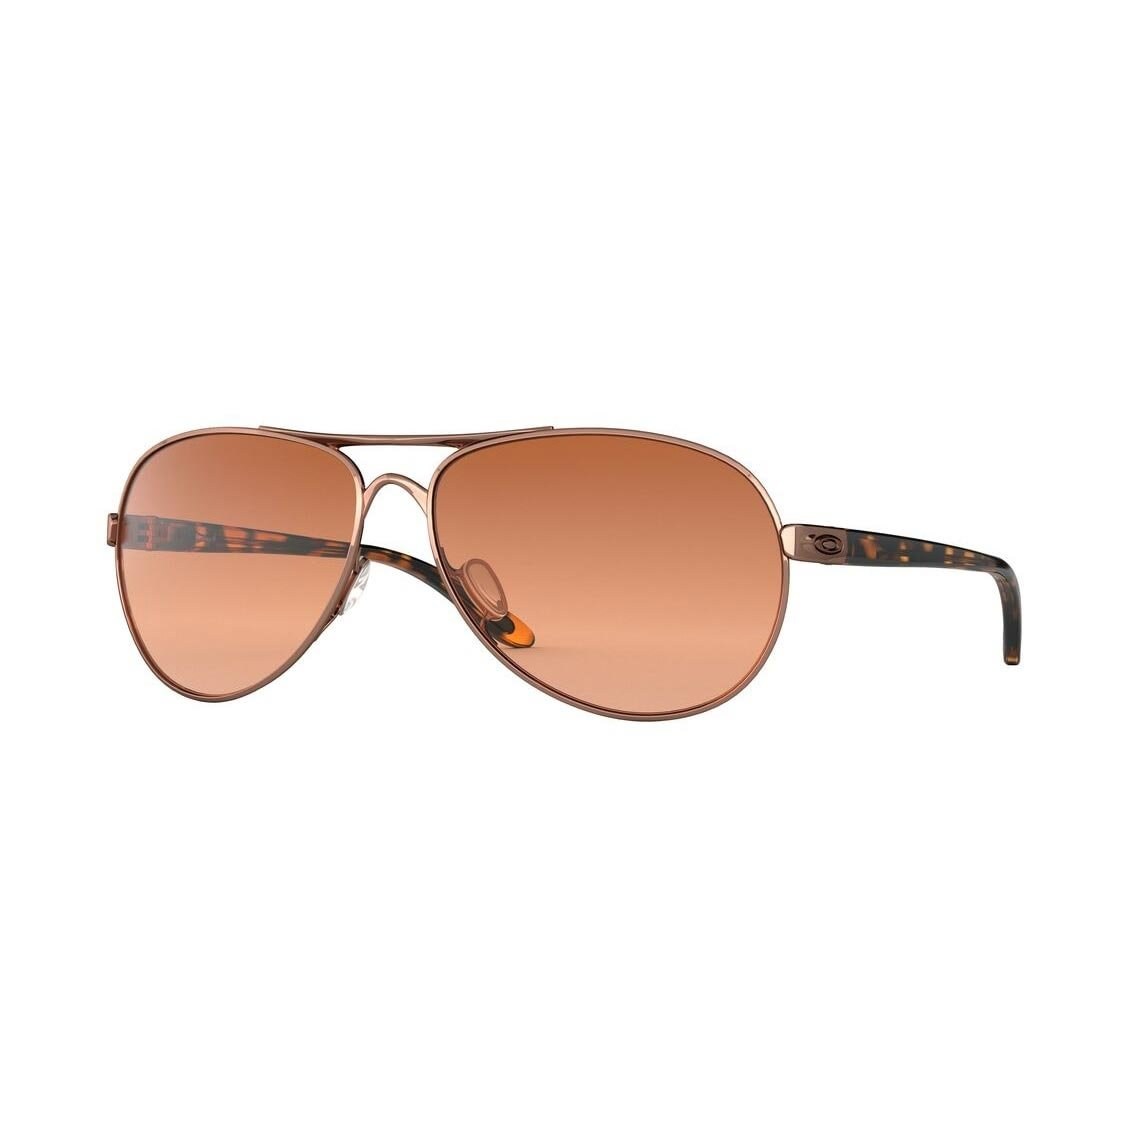 Oakley Feedback Vr50 Brown Gradient OO4079-01